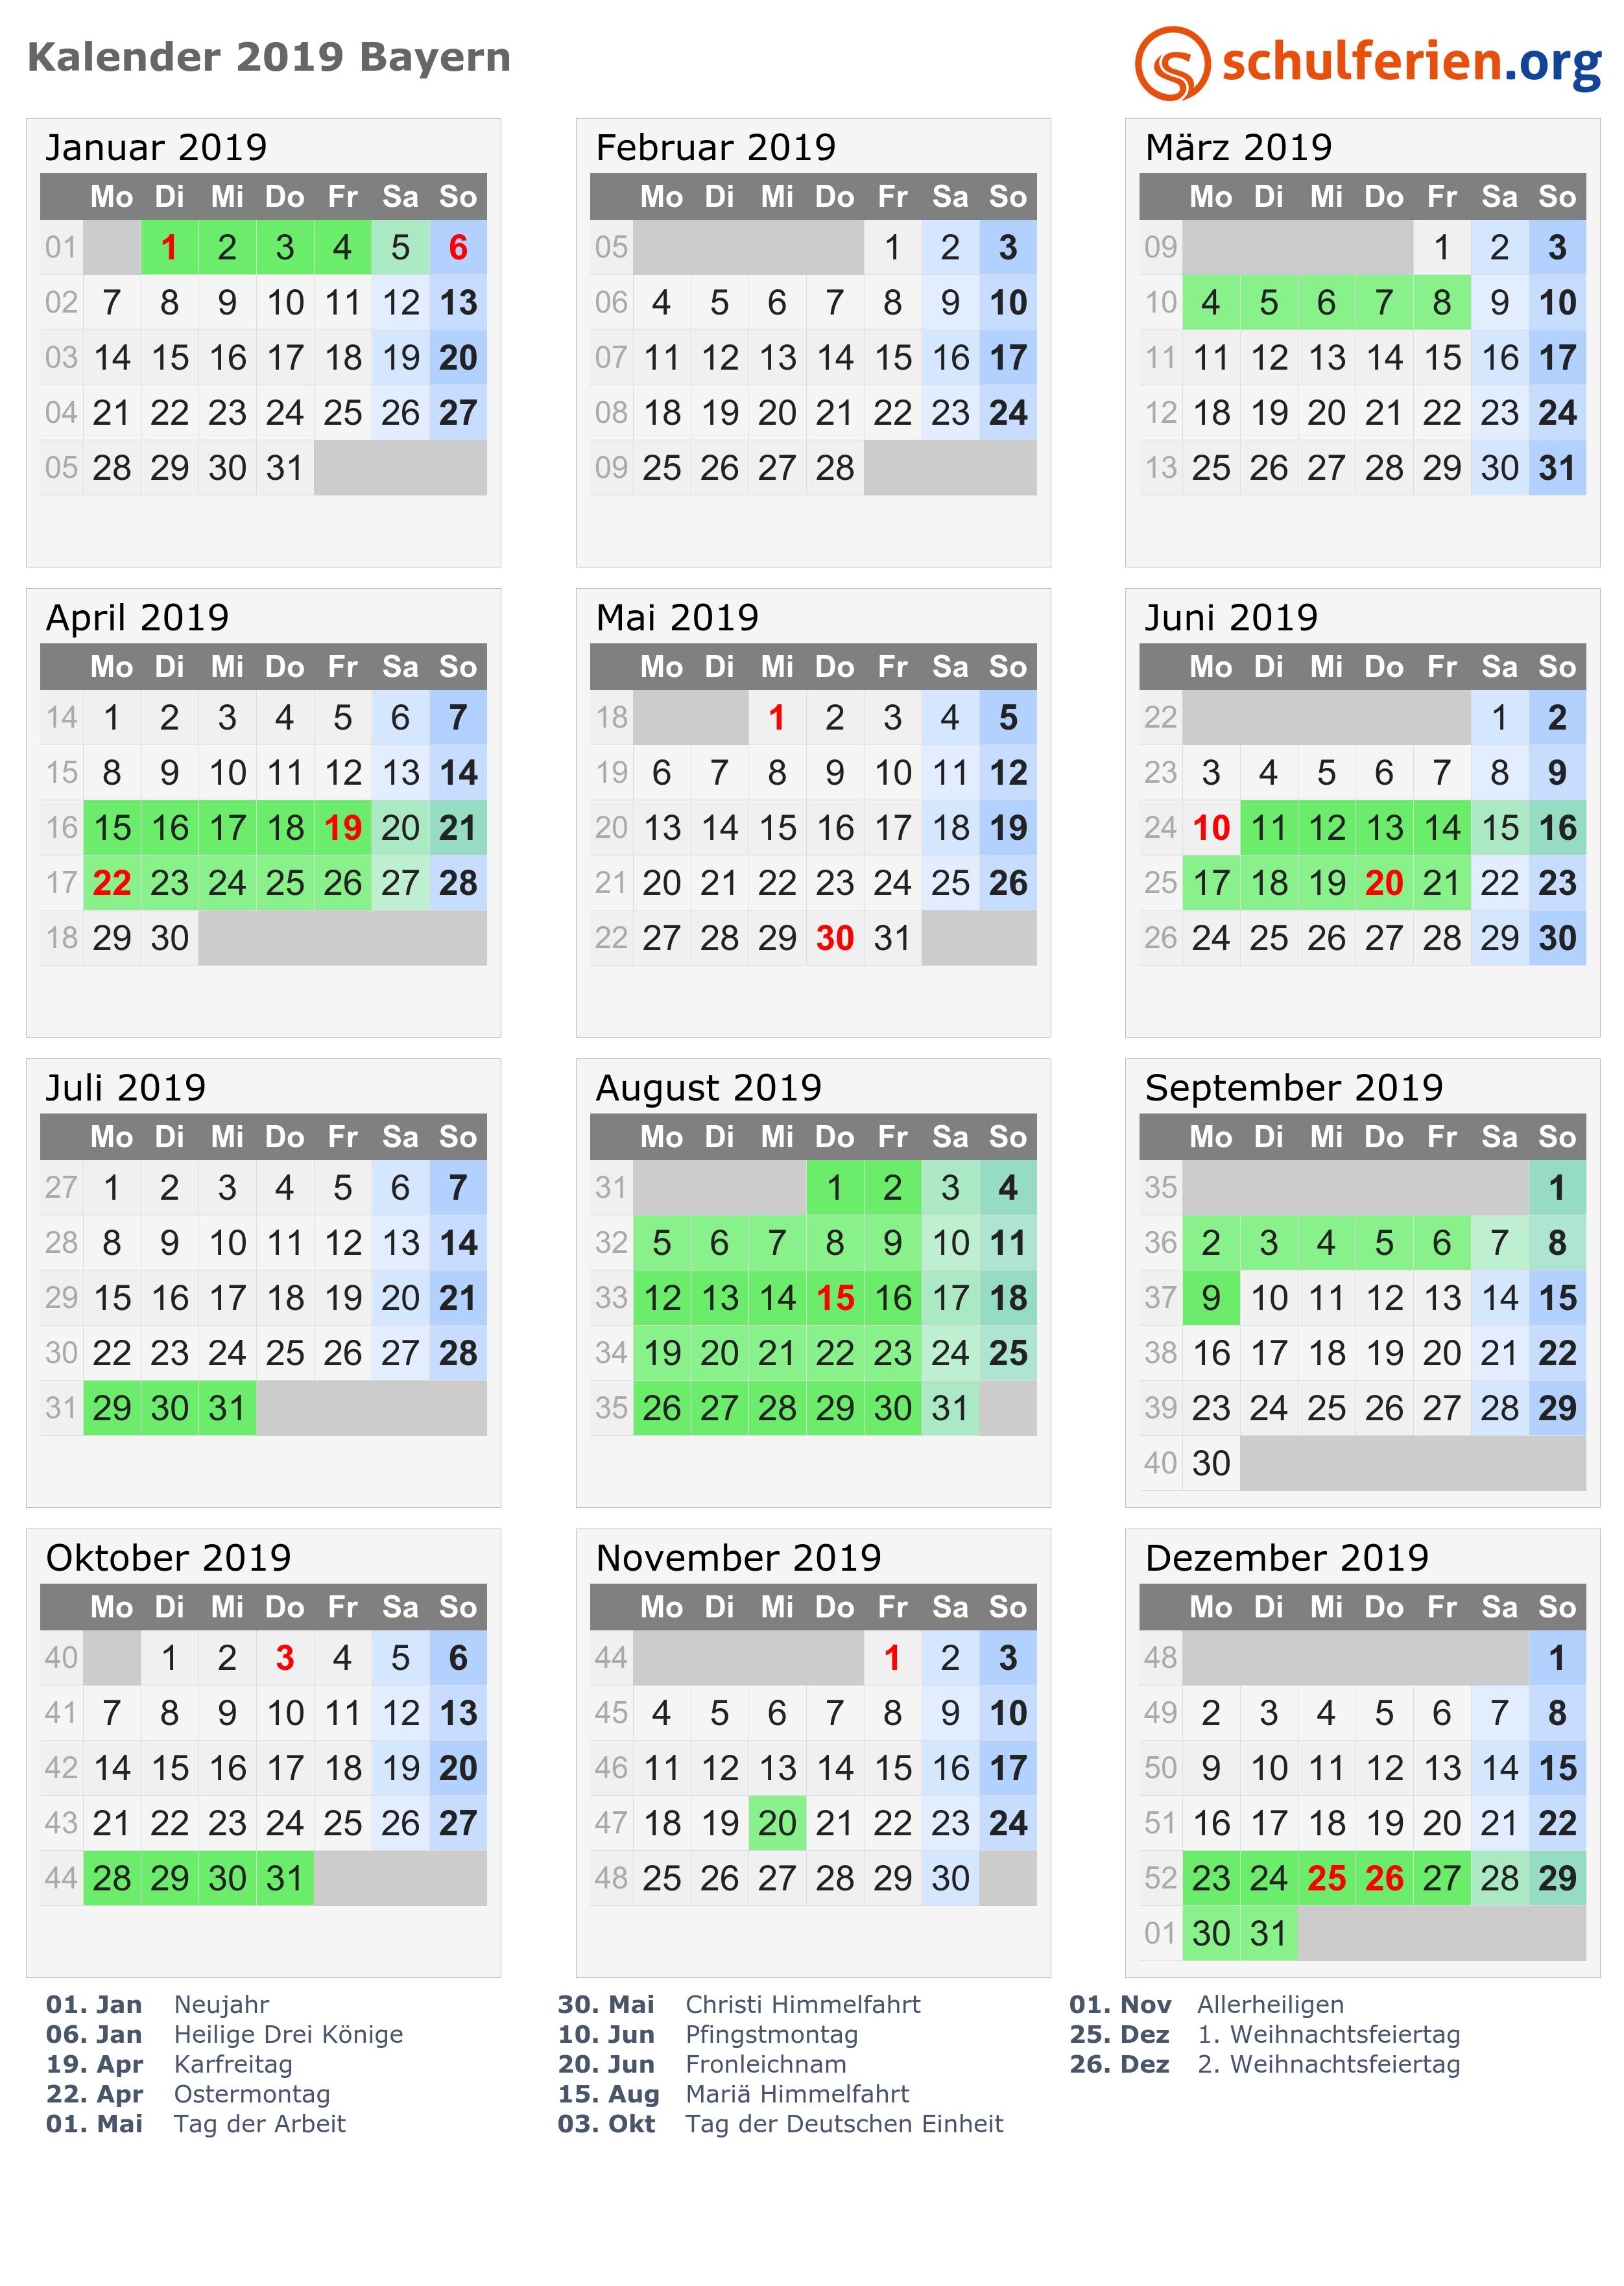 Weihnachten 2019 Nrw.Kalender 2019 Ferien Bayern Feiertage